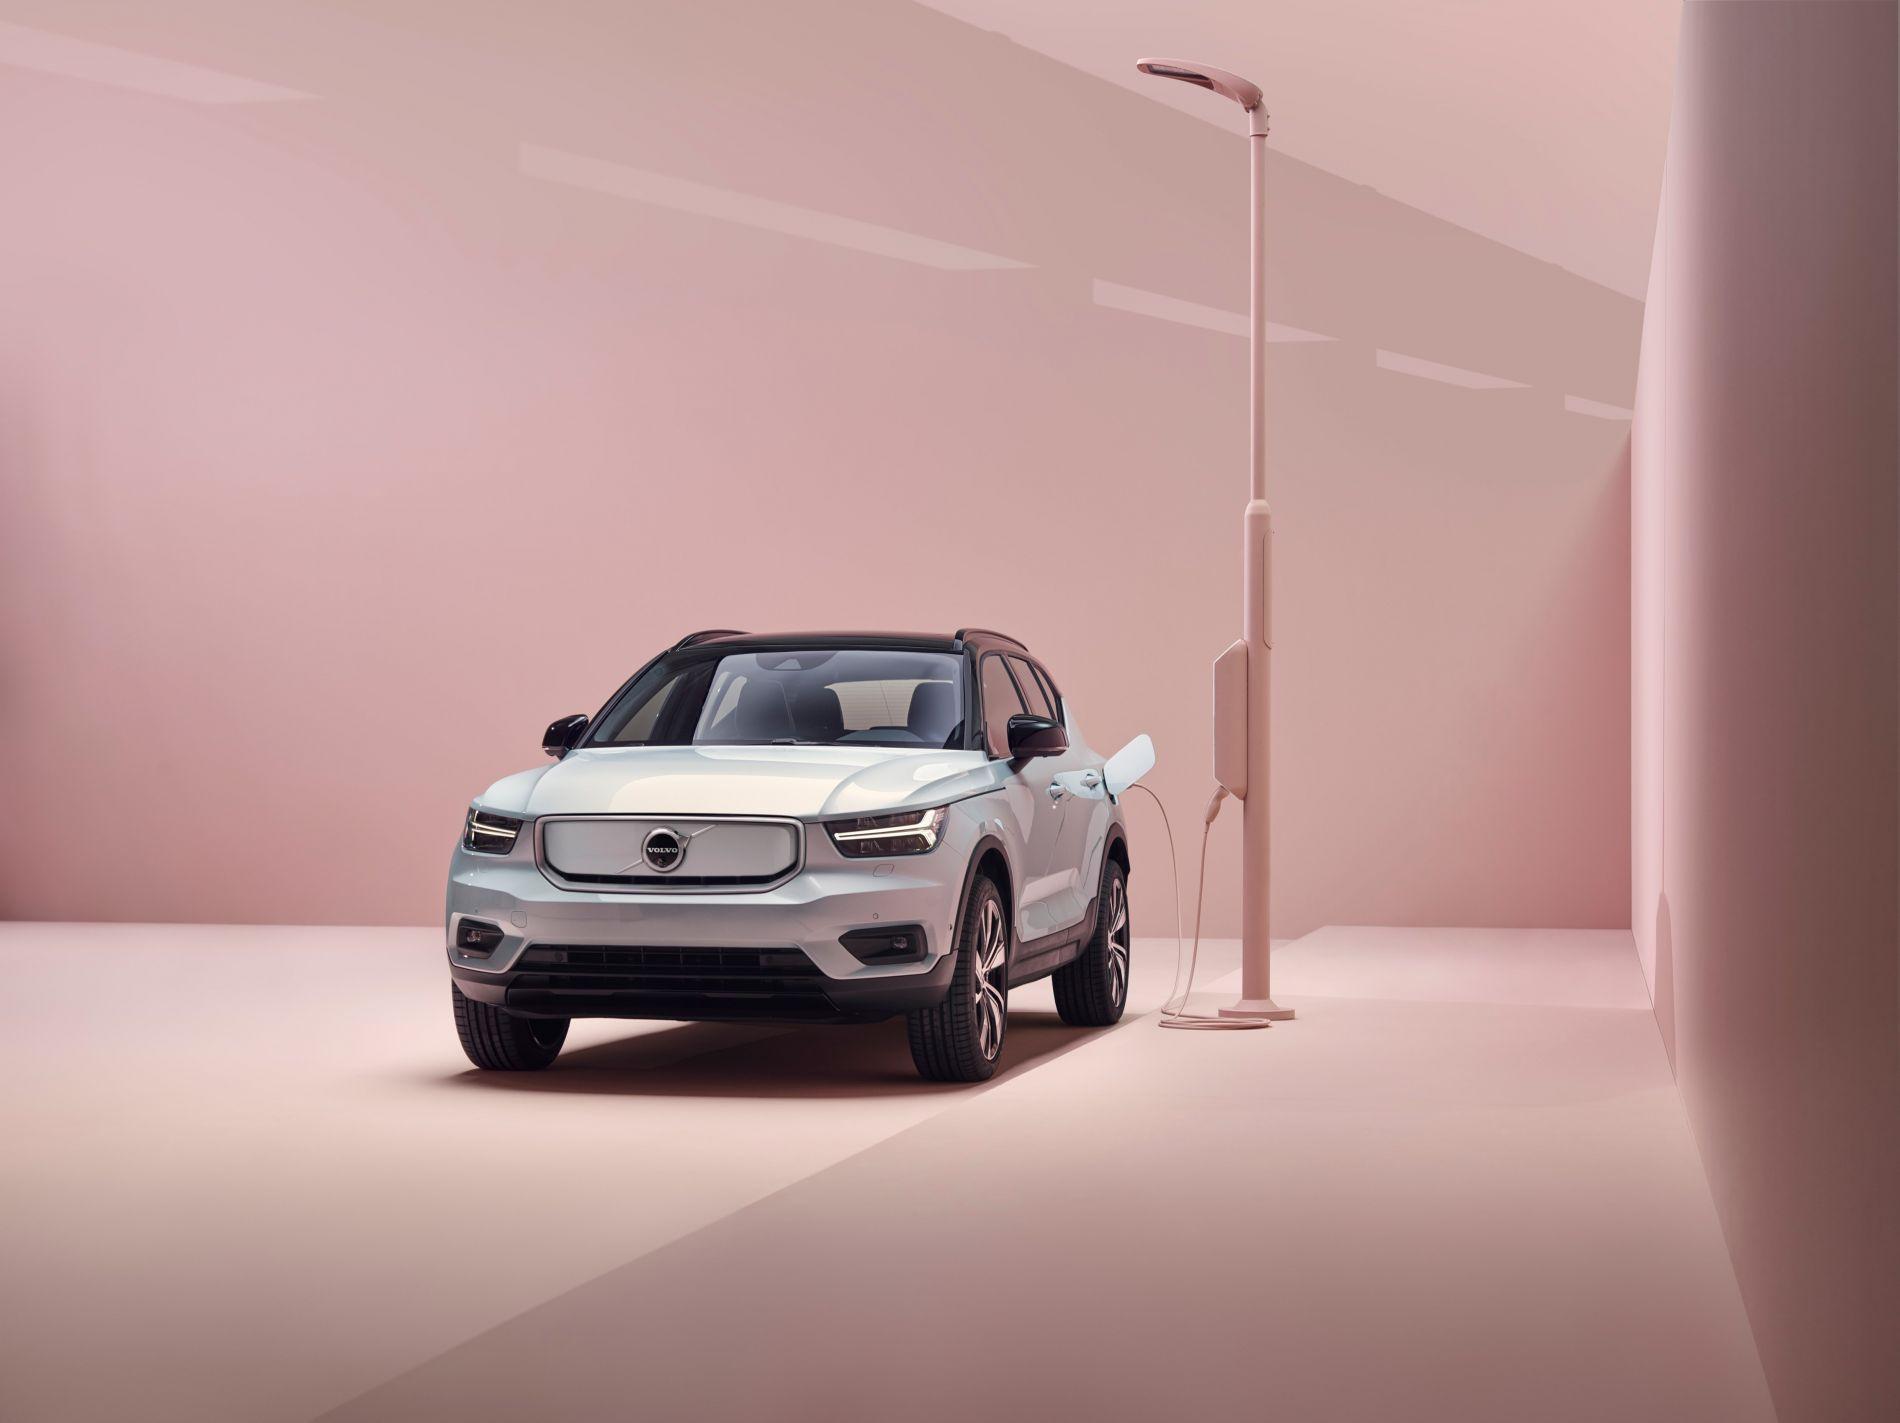 გაიცანით Volvo-ს პირველი ელექტრო კროსოვერი